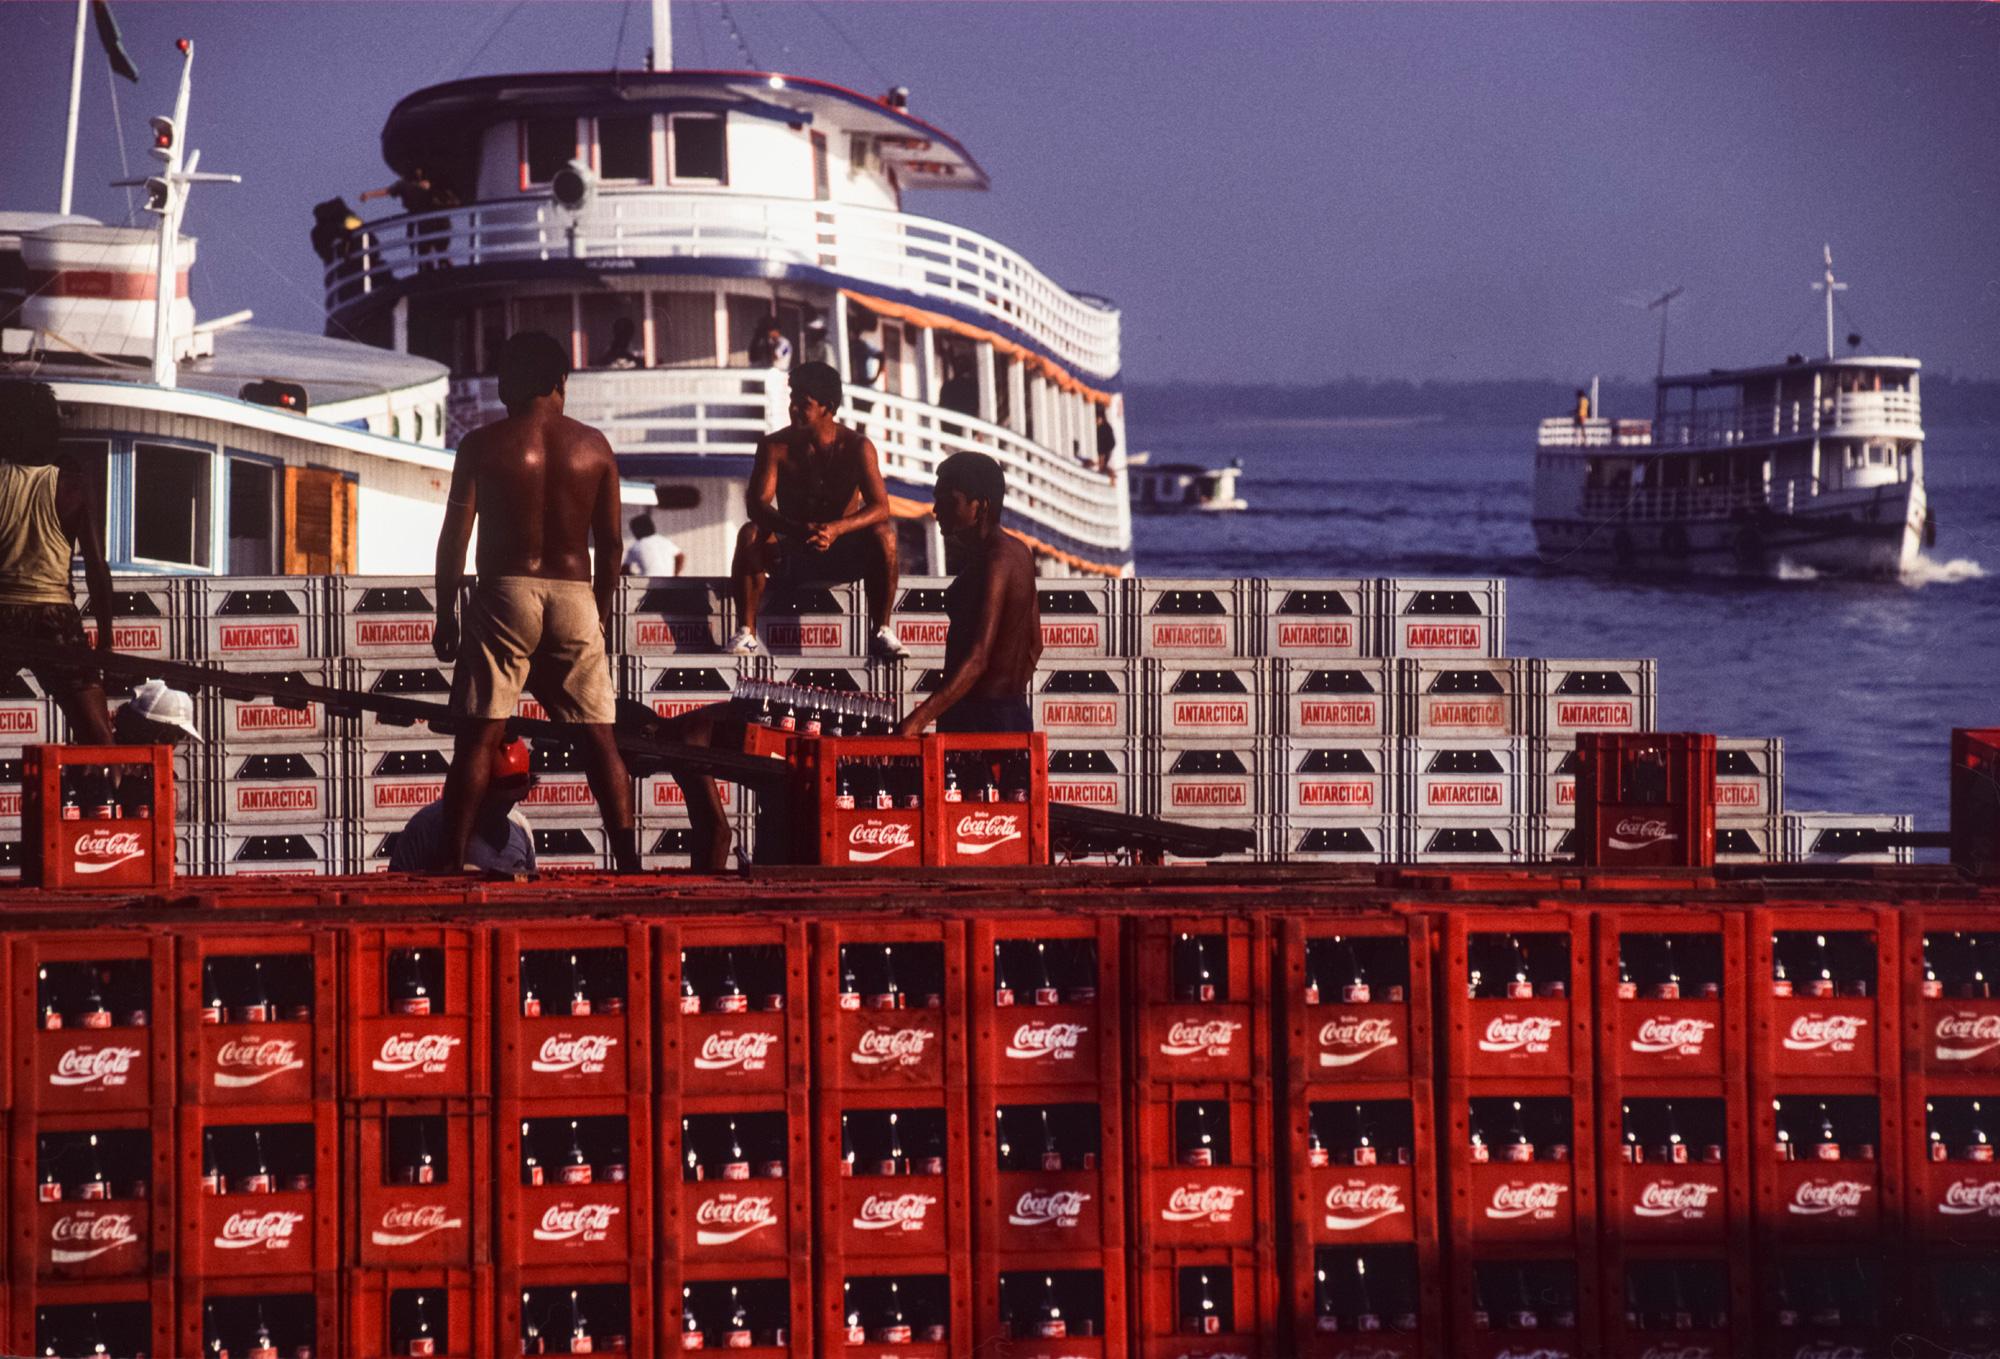 Déchargement d'une cargaison de ?Coca-Cola? dans le port de Manaus, Brésil. (Photo by Yves GELLIE/Gamma-Rapho via Getty Images)